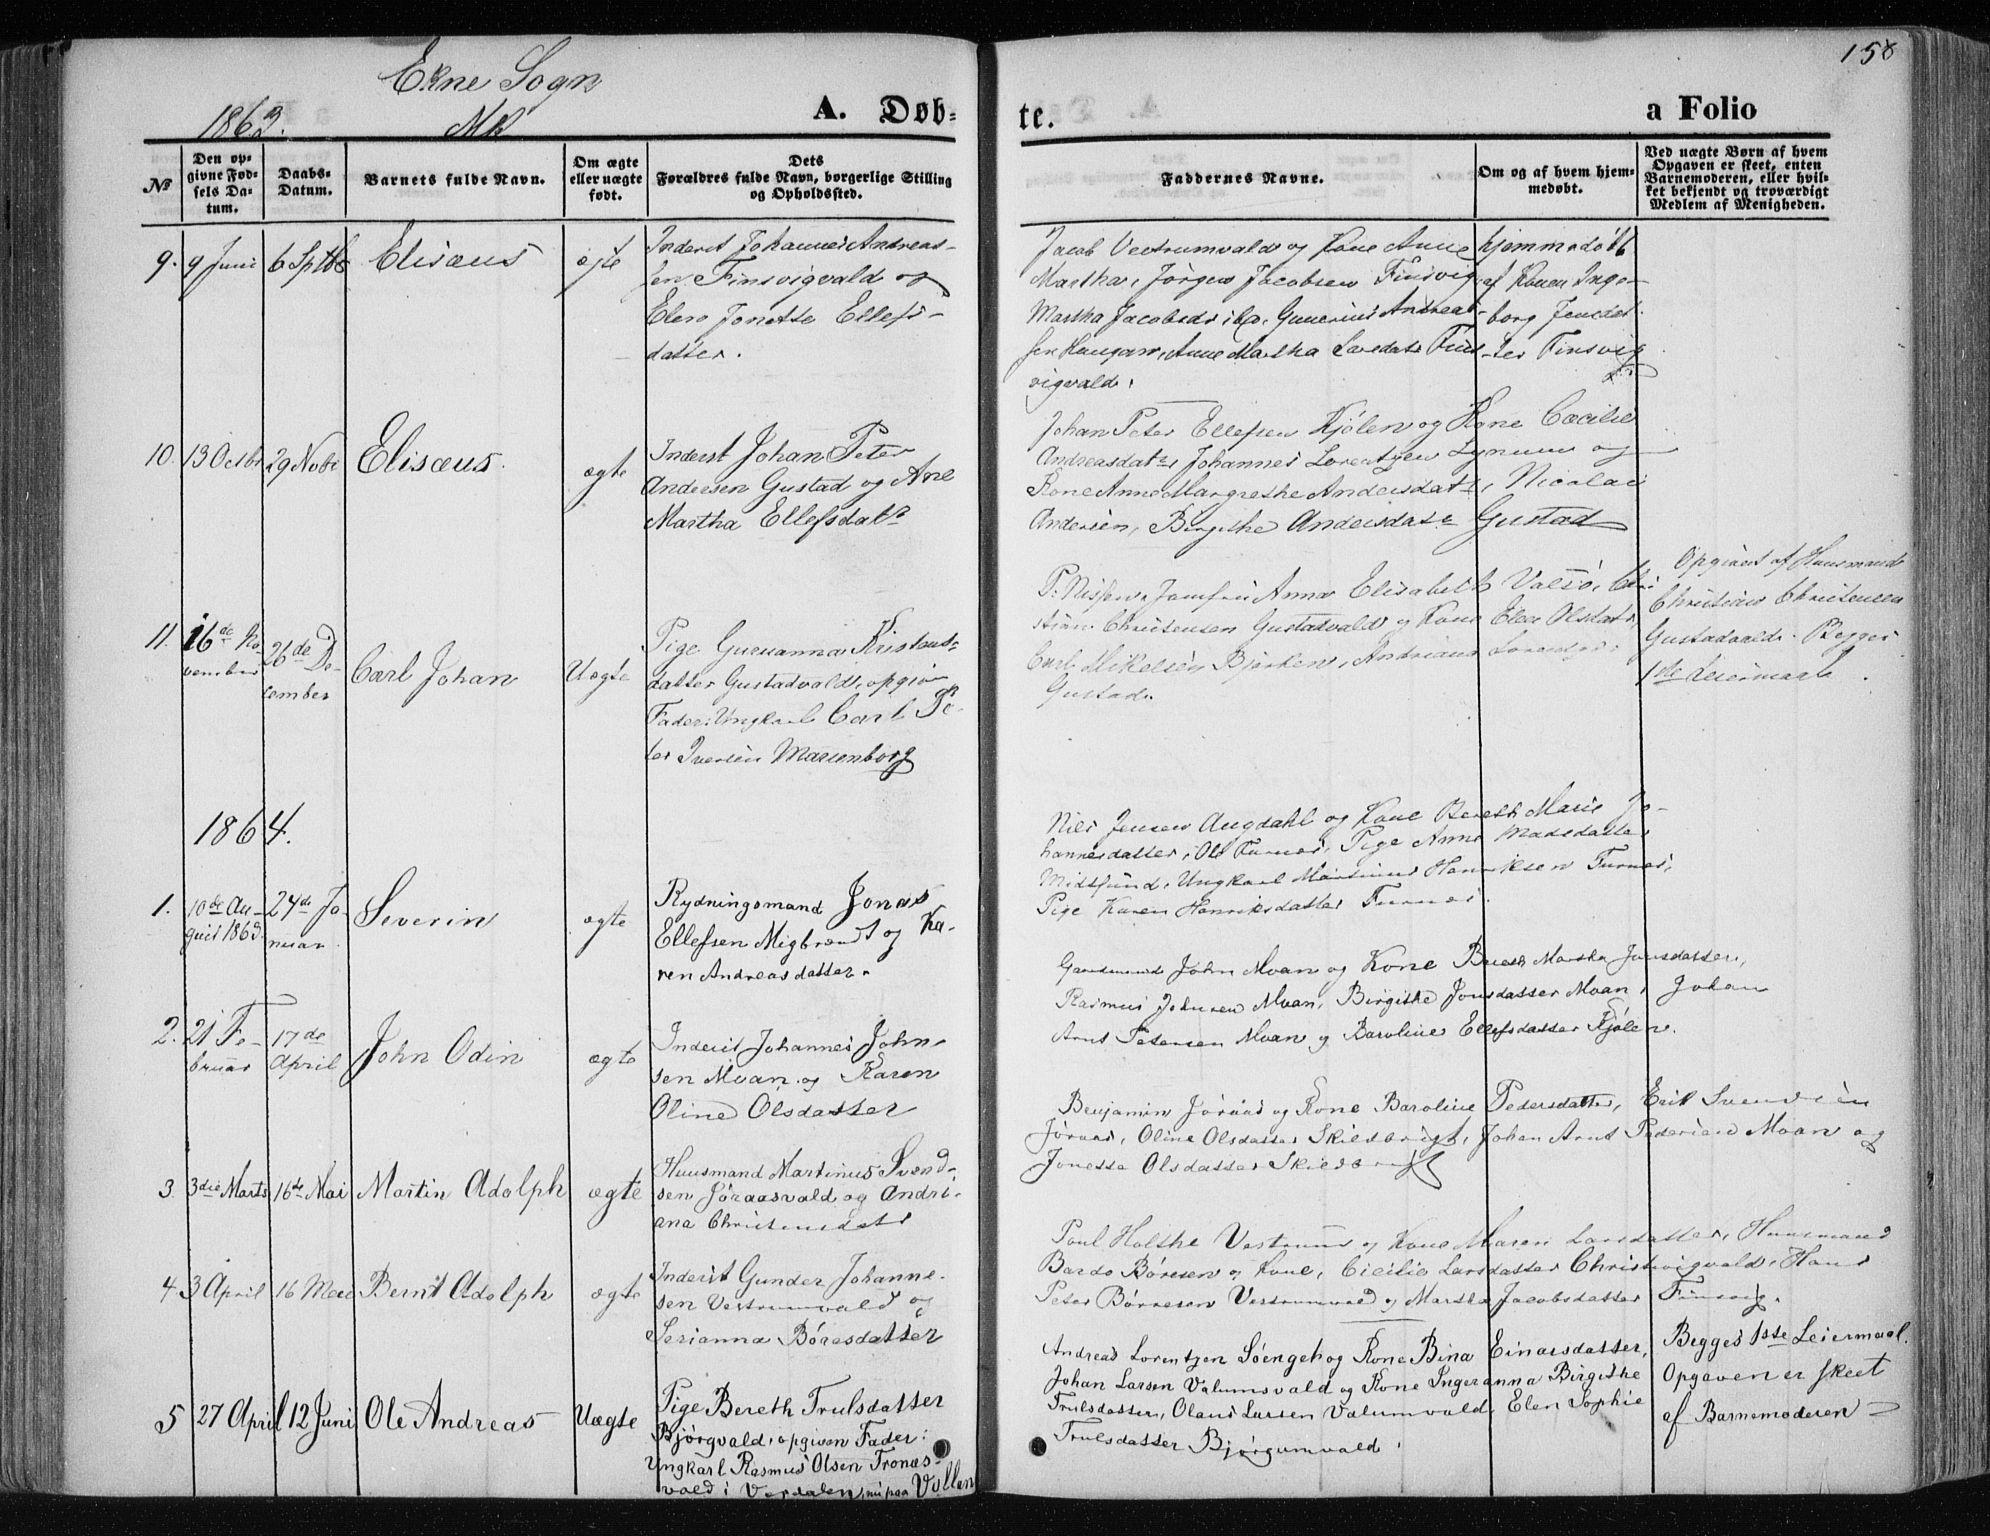 SAT, Ministerialprotokoller, klokkerbøker og fødselsregistre - Nord-Trøndelag, 717/L0158: Ministerialbok nr. 717A08 /2, 1863-1877, s. 158